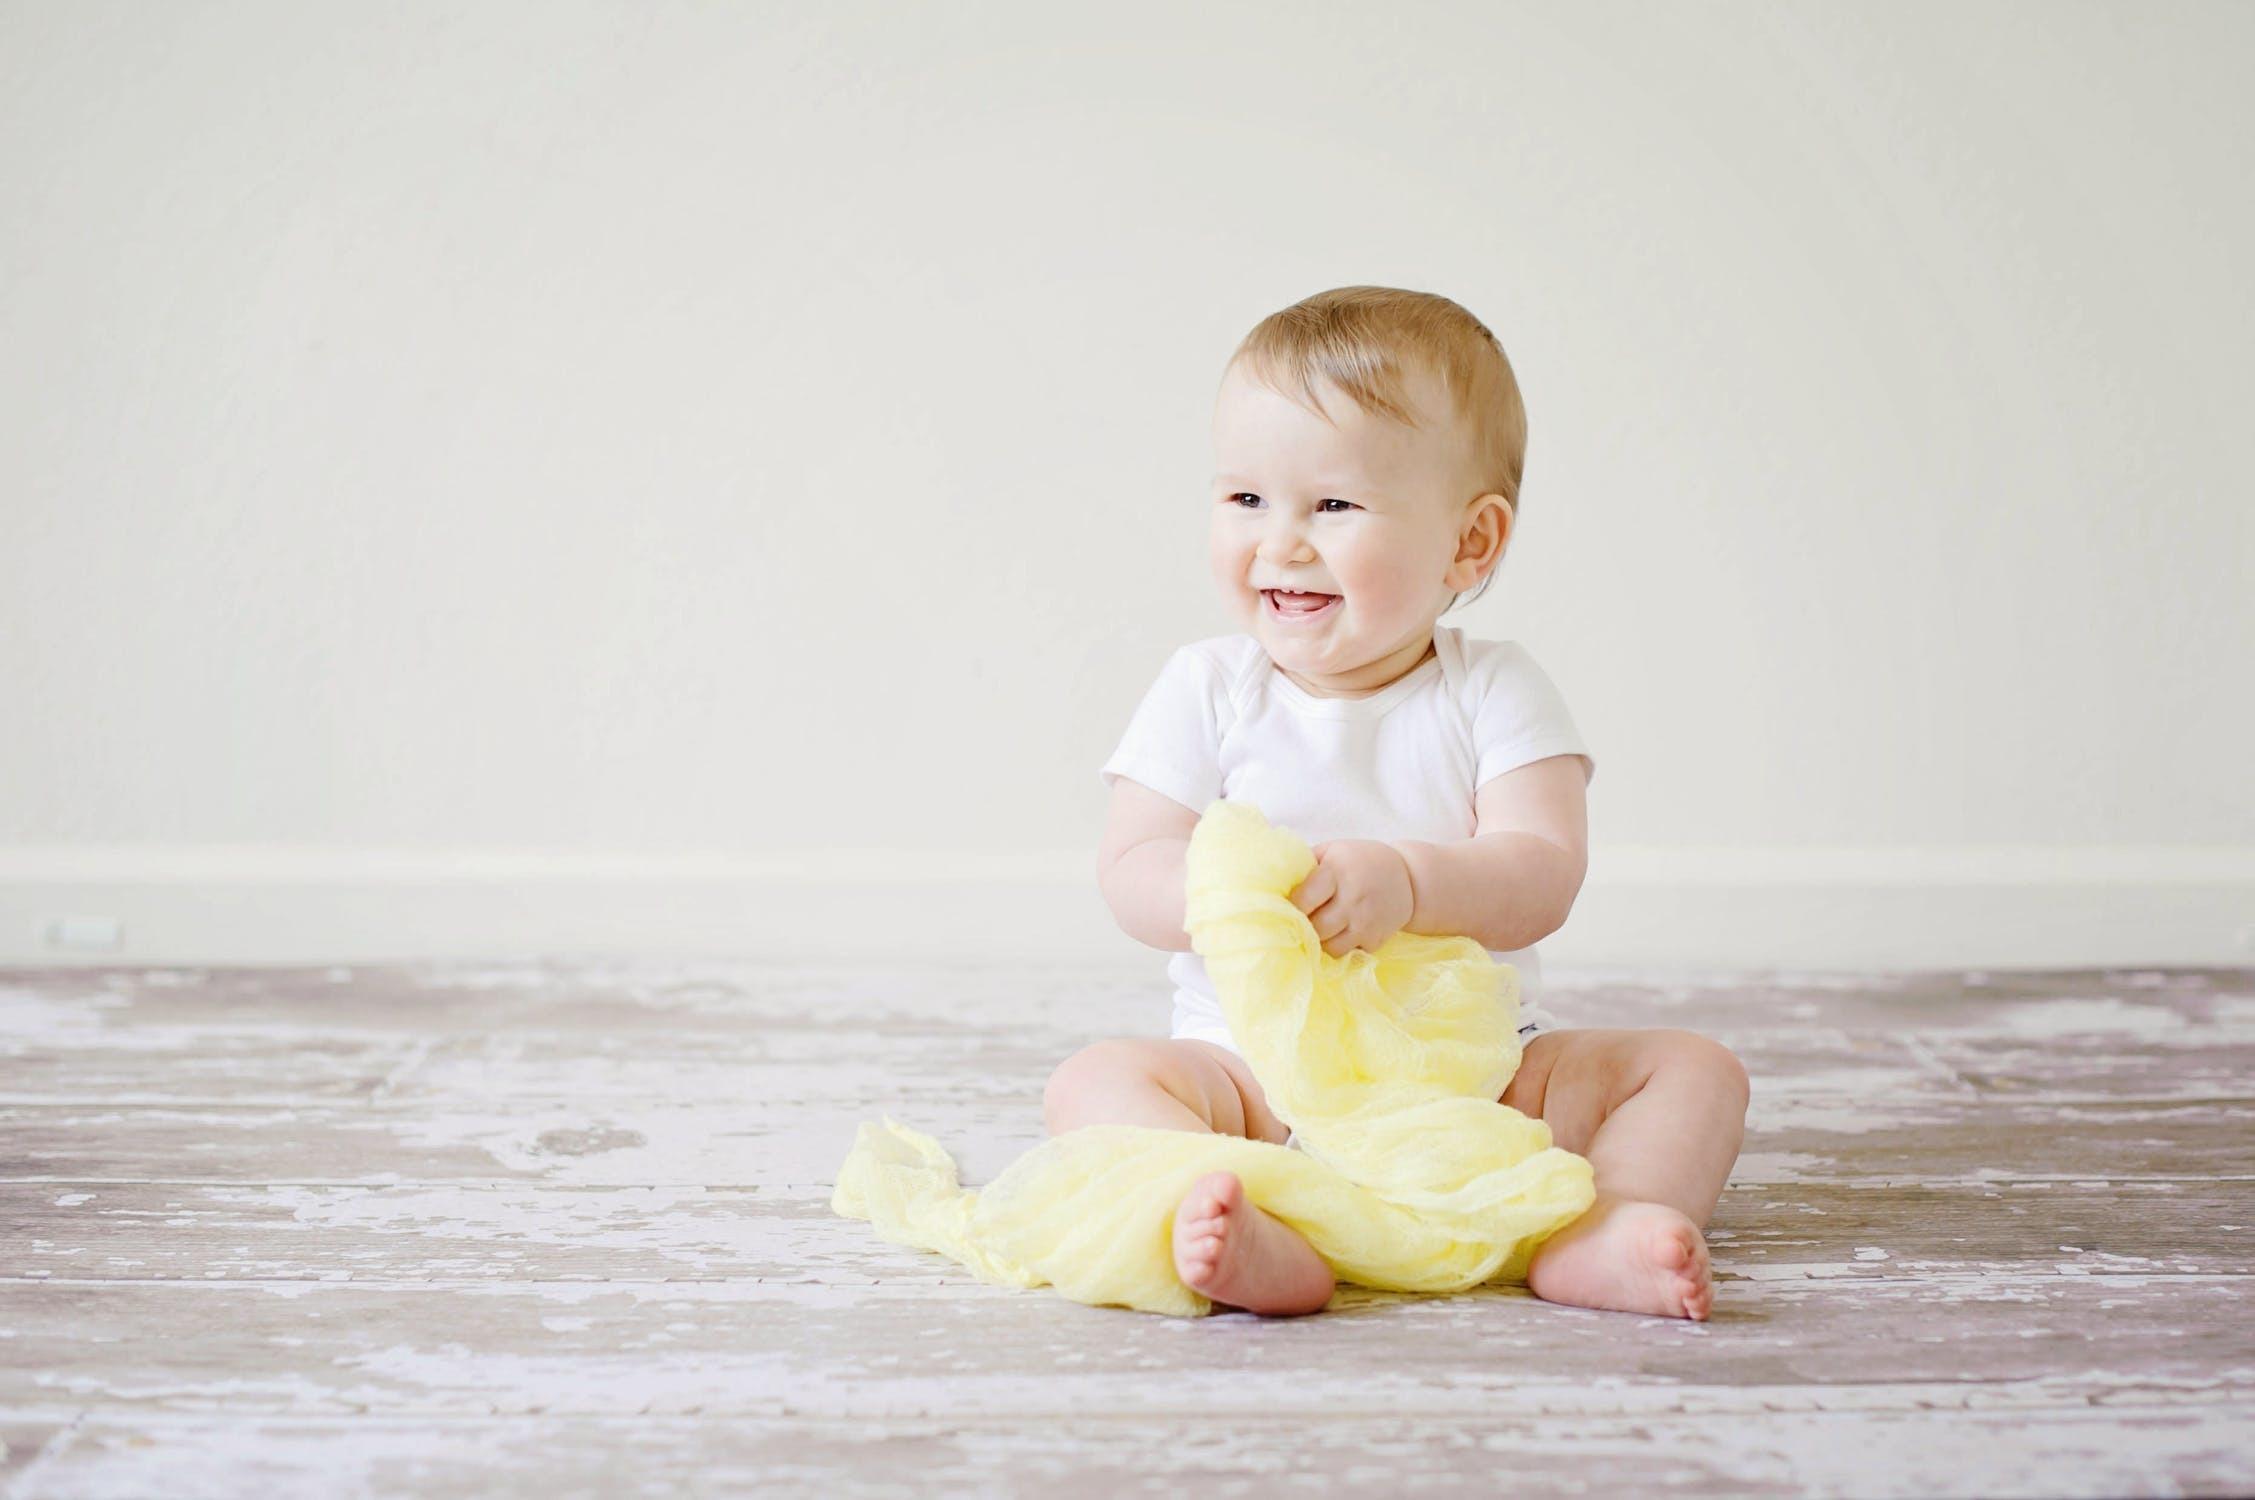 Studier viser, at en babynest giver roligere børn